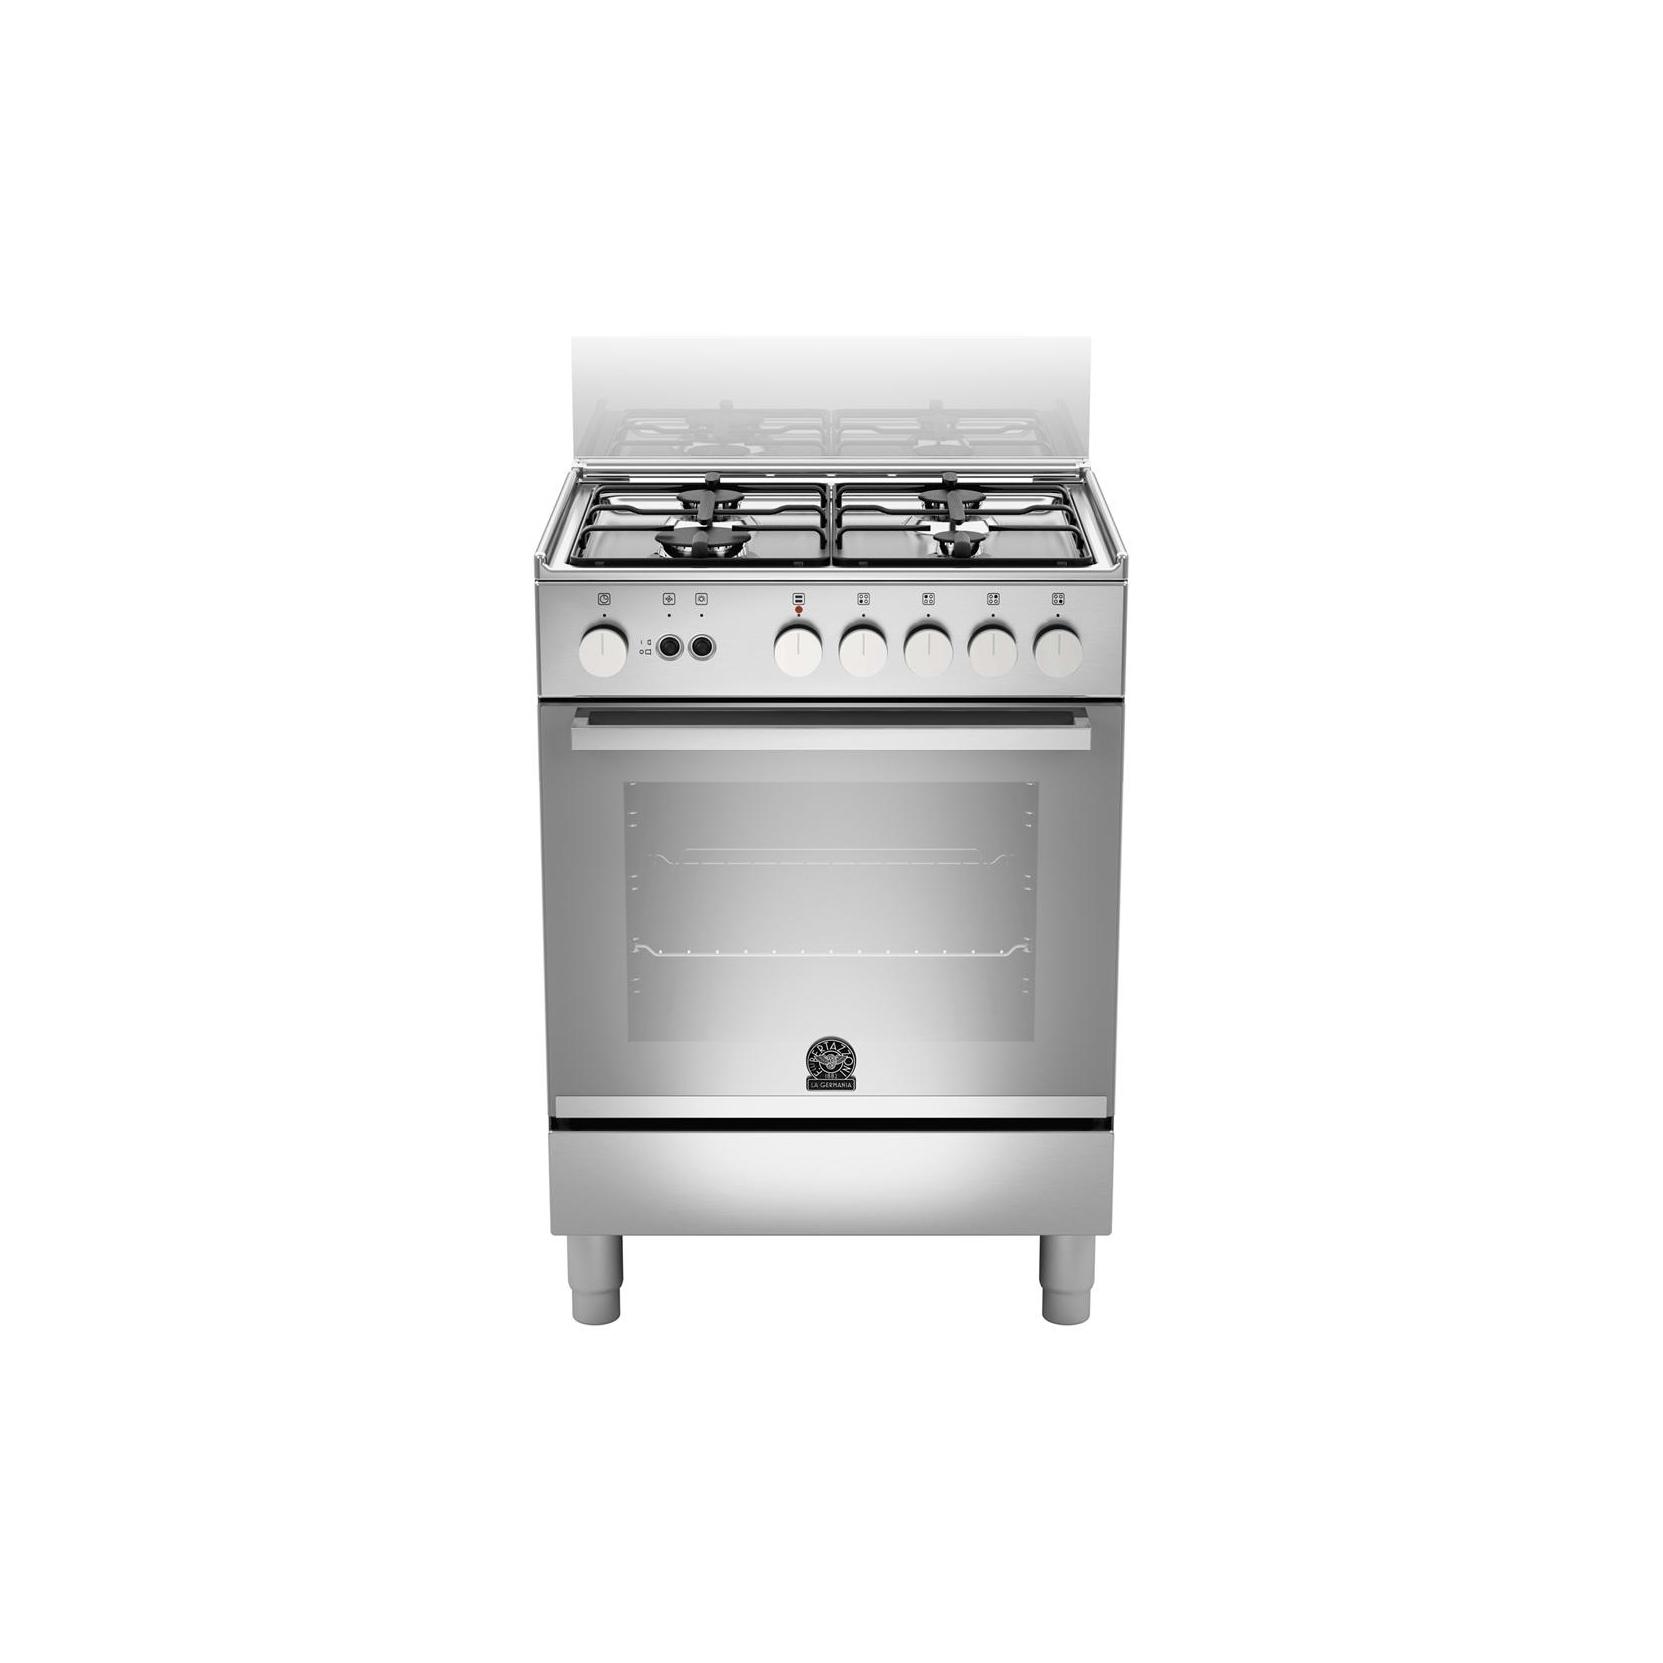 La germania cucina tu14071dx 4 fuochi a gas 60x50 inox forno gas ventilato garanzia italia - Cucina a gas in offerta ...